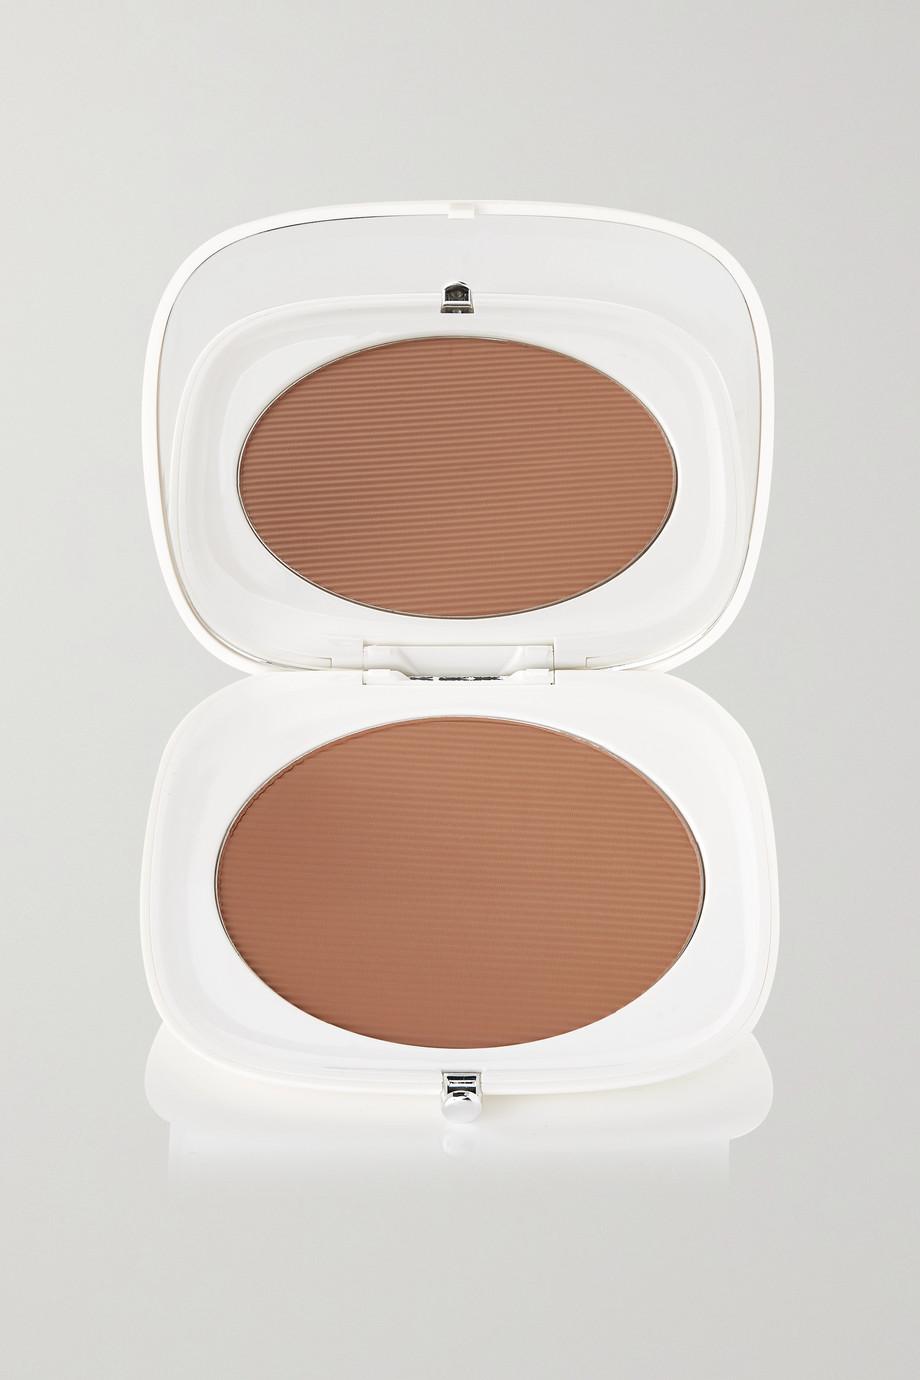 Marc Jacobs Beauty O!mega Bronze Coconut Perfect Tan – Tan-Tastic 104 – Bronzer